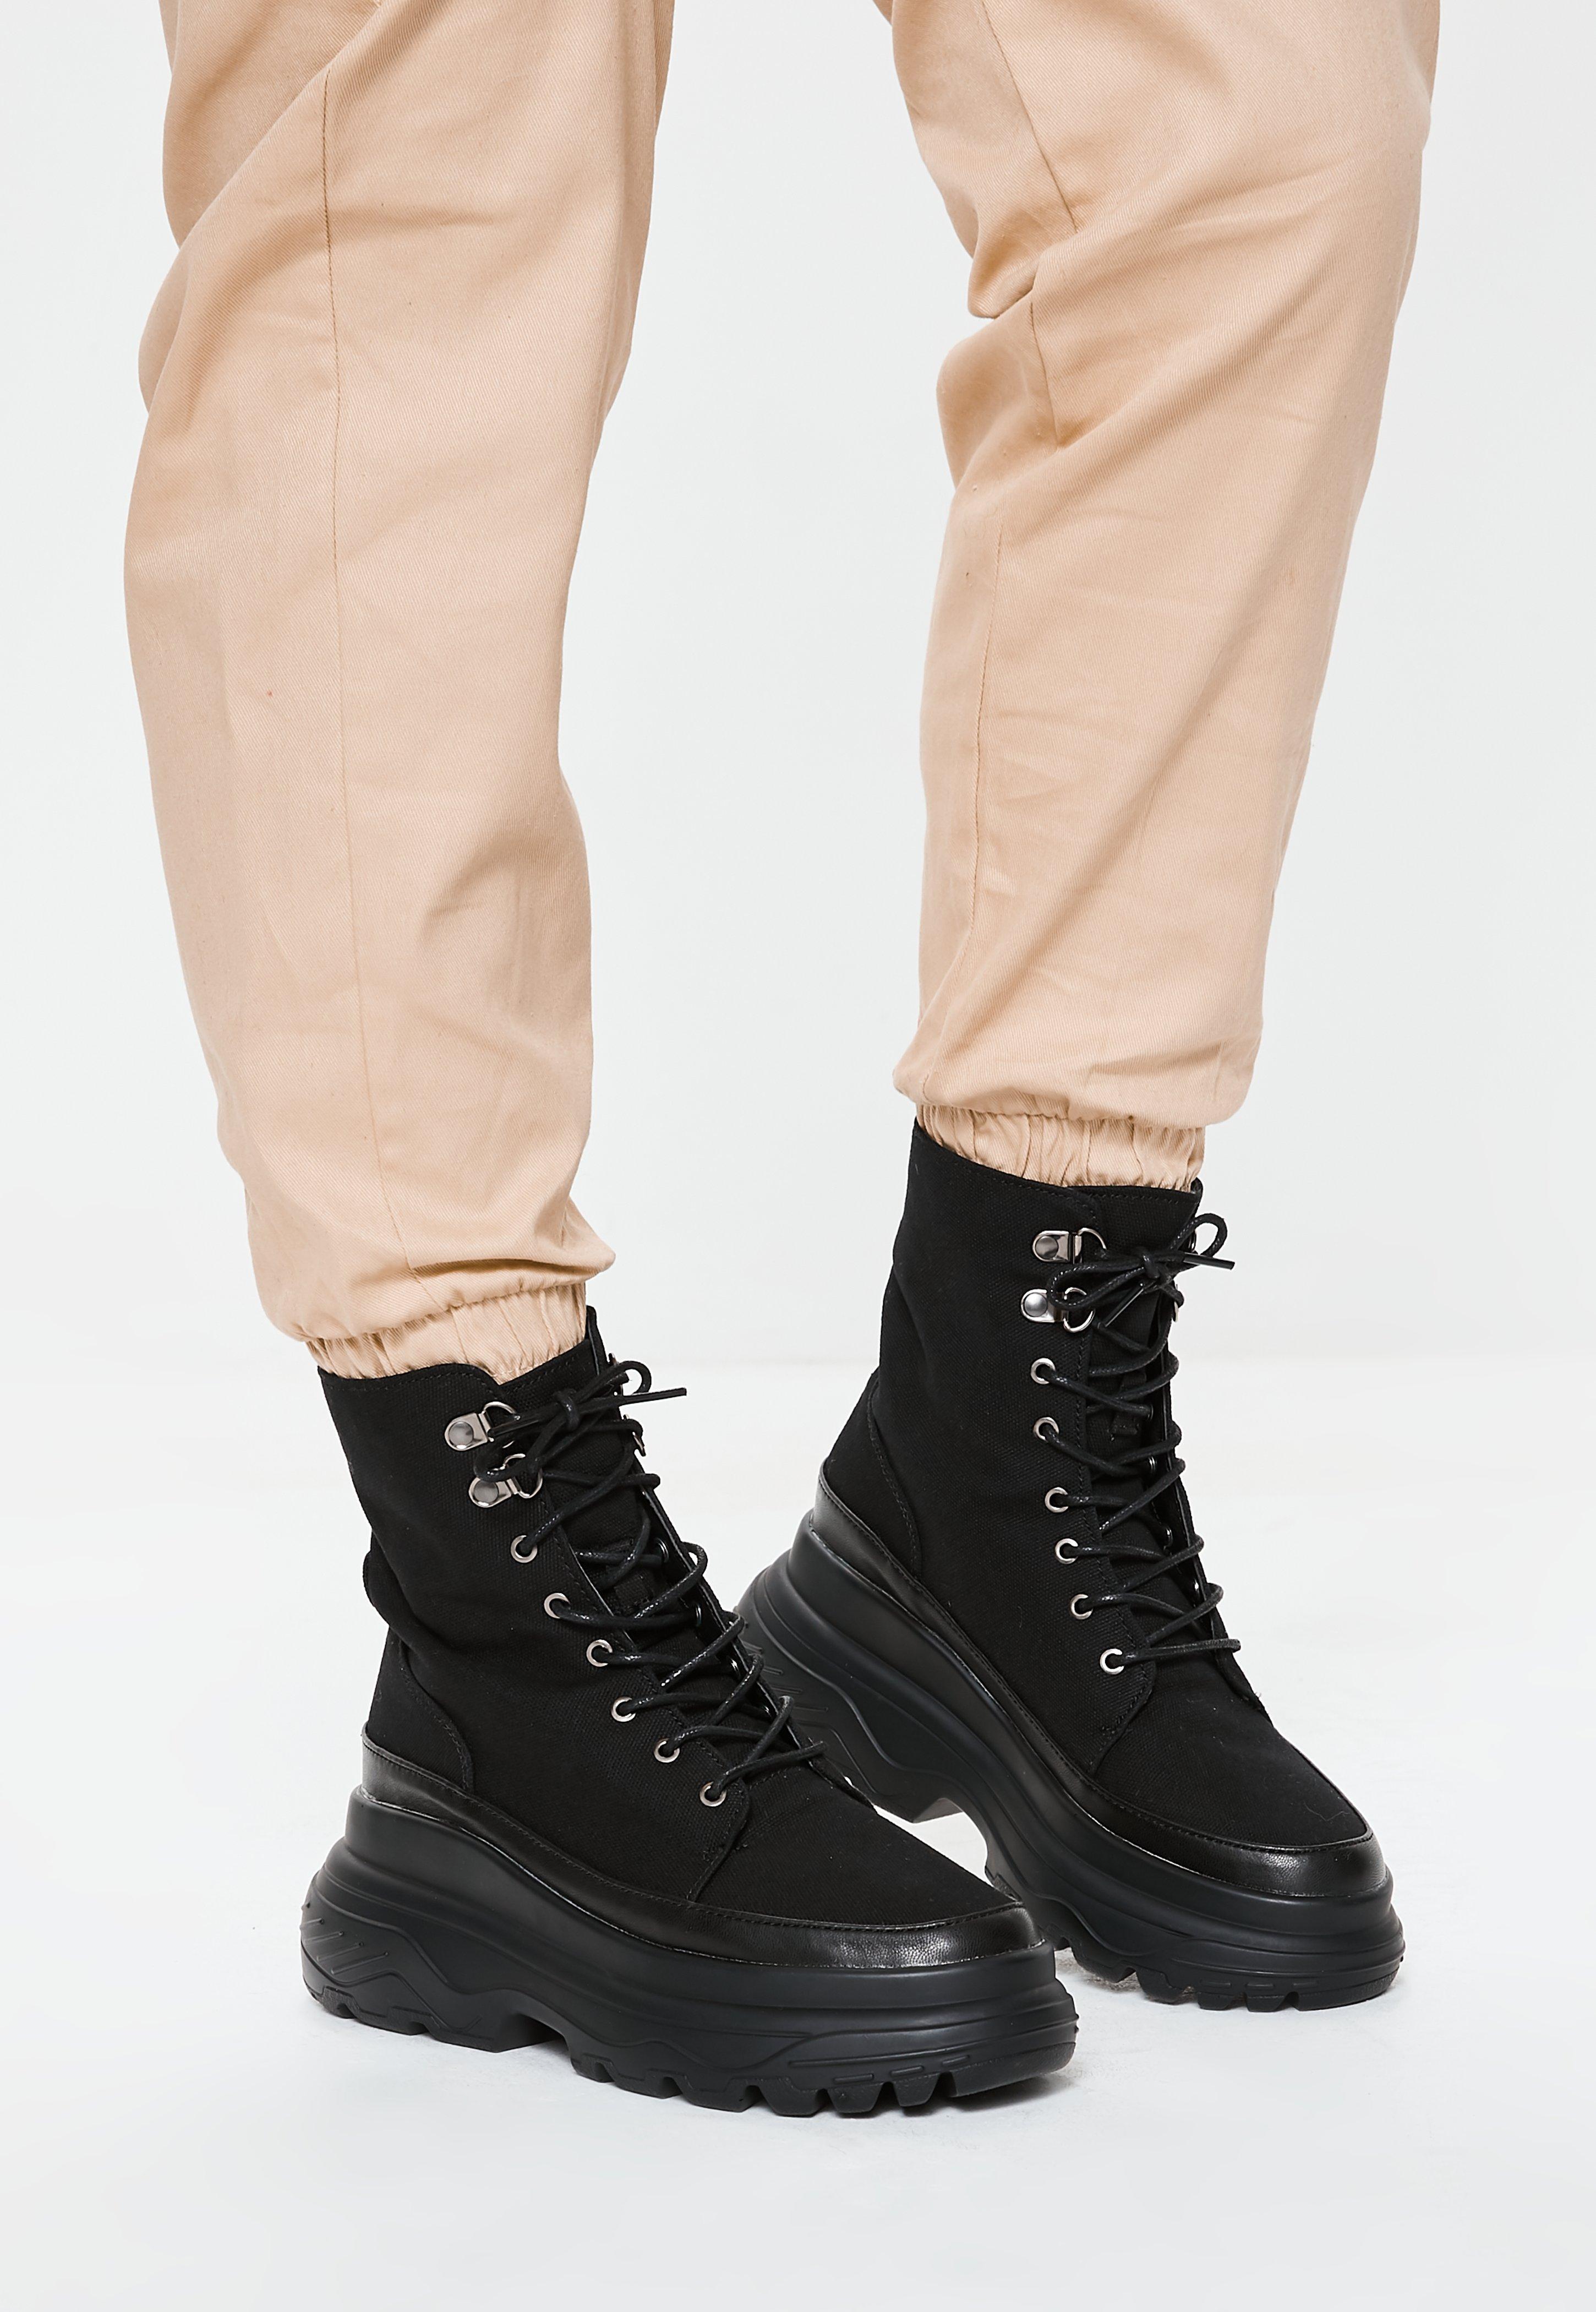 a3535d4280bbd Boots femme